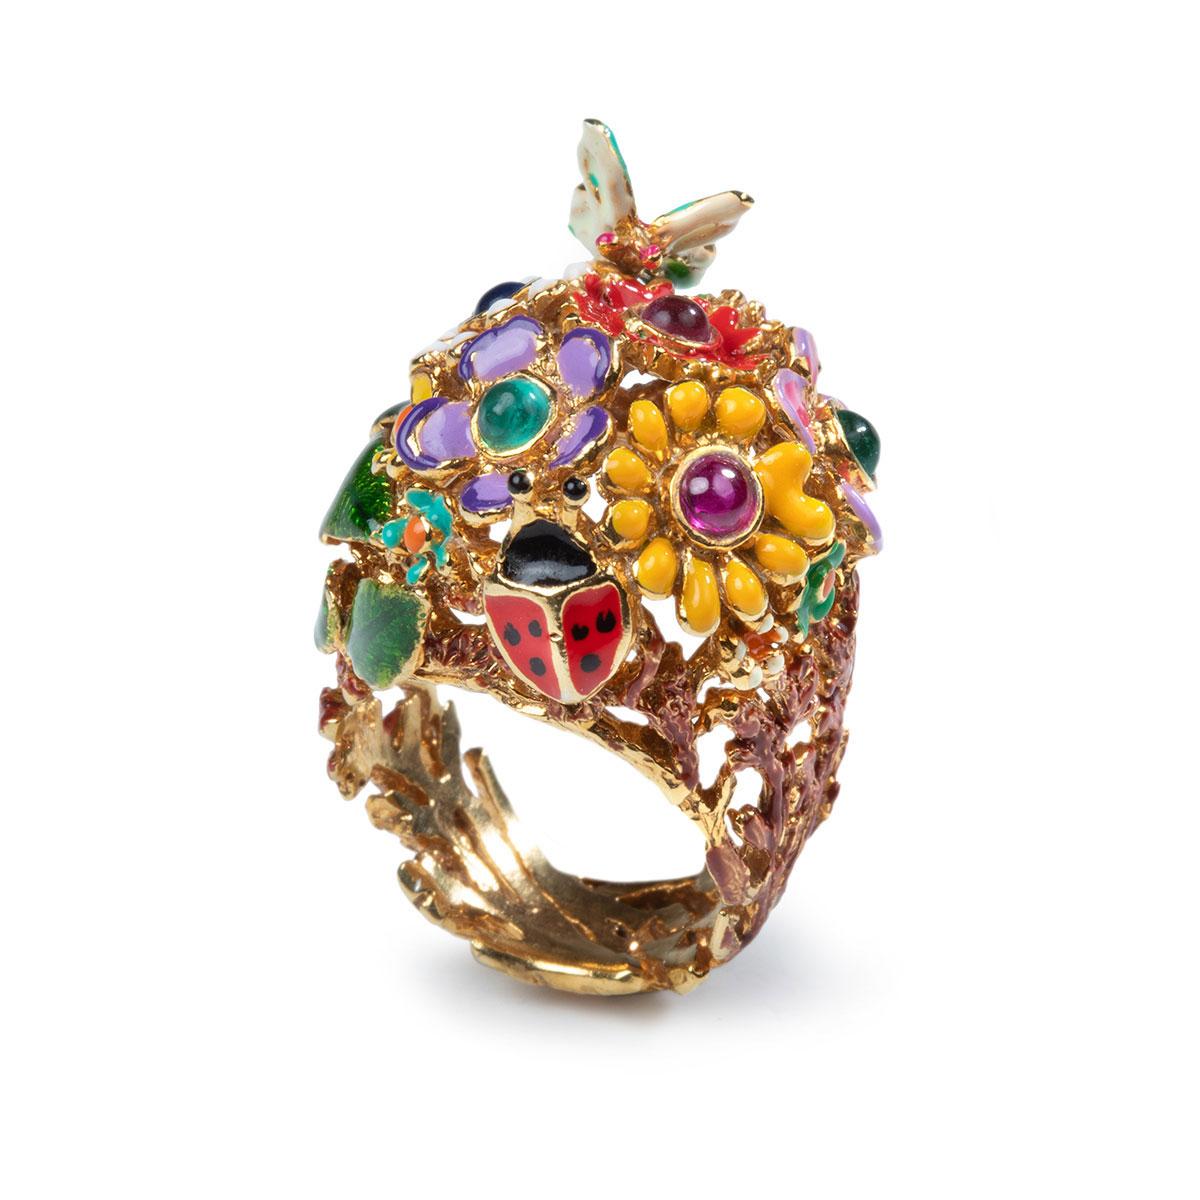 anello dorato-farfalla-giardino-segreto-gioielli a forma di animali